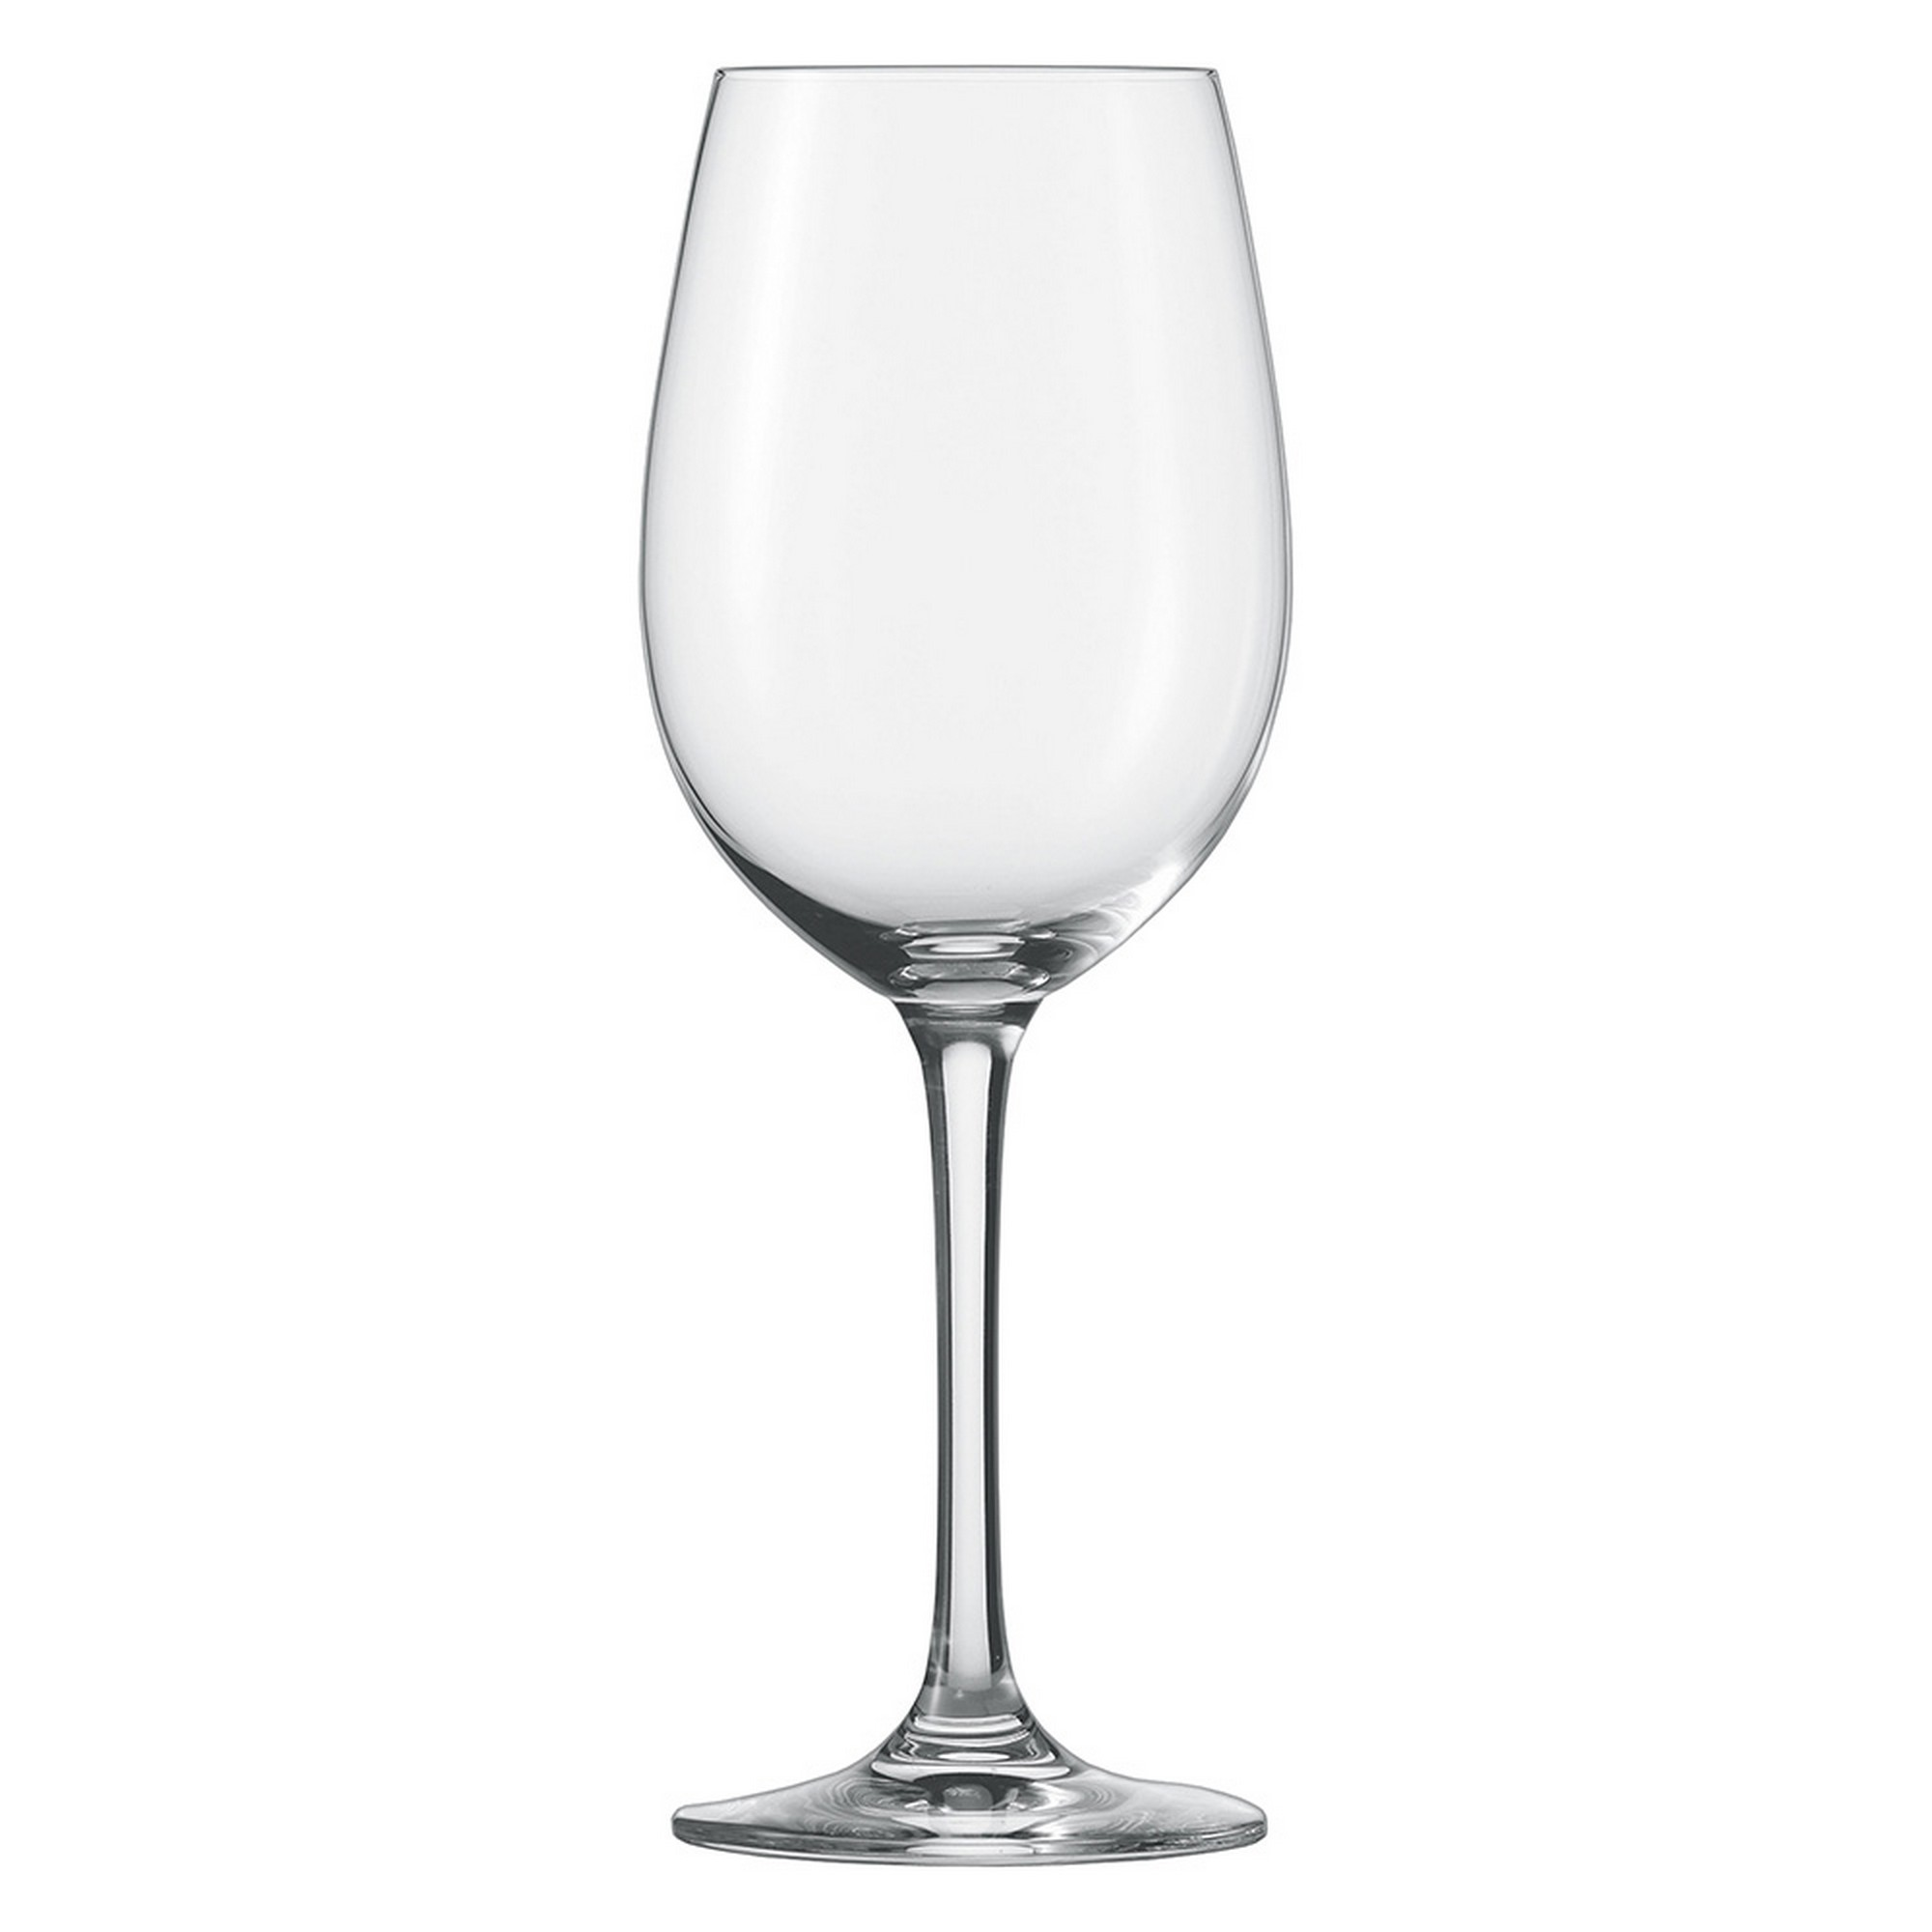 Taça para Água e Vinho Tinto 545ml Schott Zwiesel Classico 6 Peças de Cristal